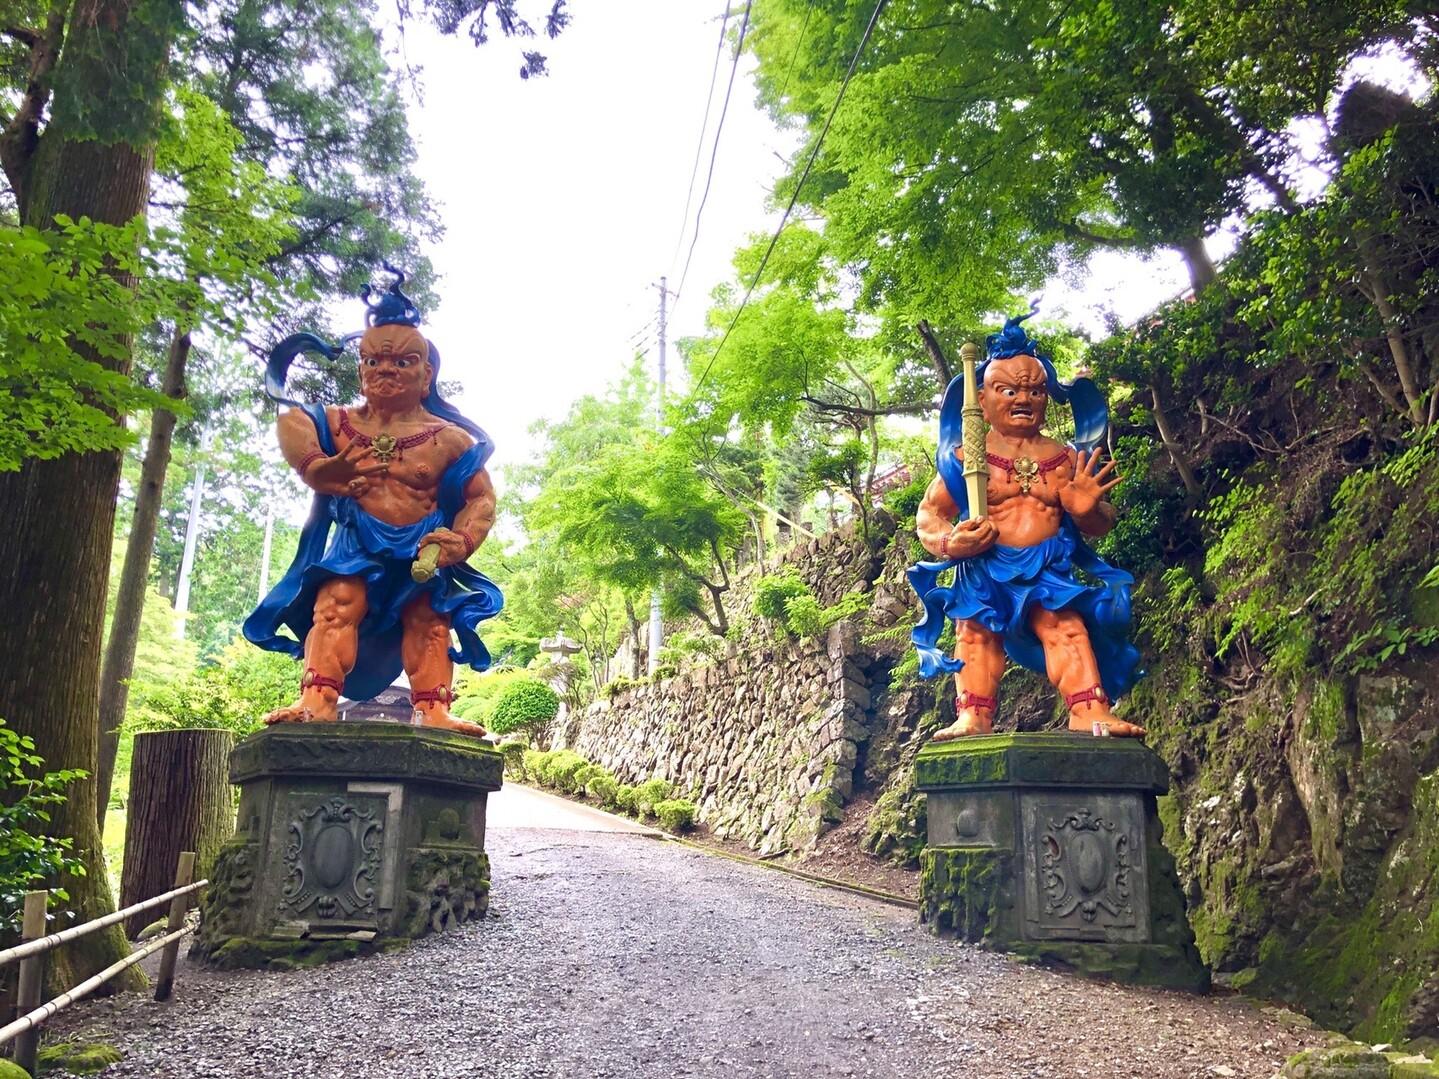 子の権現の寺の入り口にある例のやつ。<br> <br> 左「今日の山登りどうだった?」<br> 右「どうもなにも、オレ、子の権現から出たことねーし」<br>